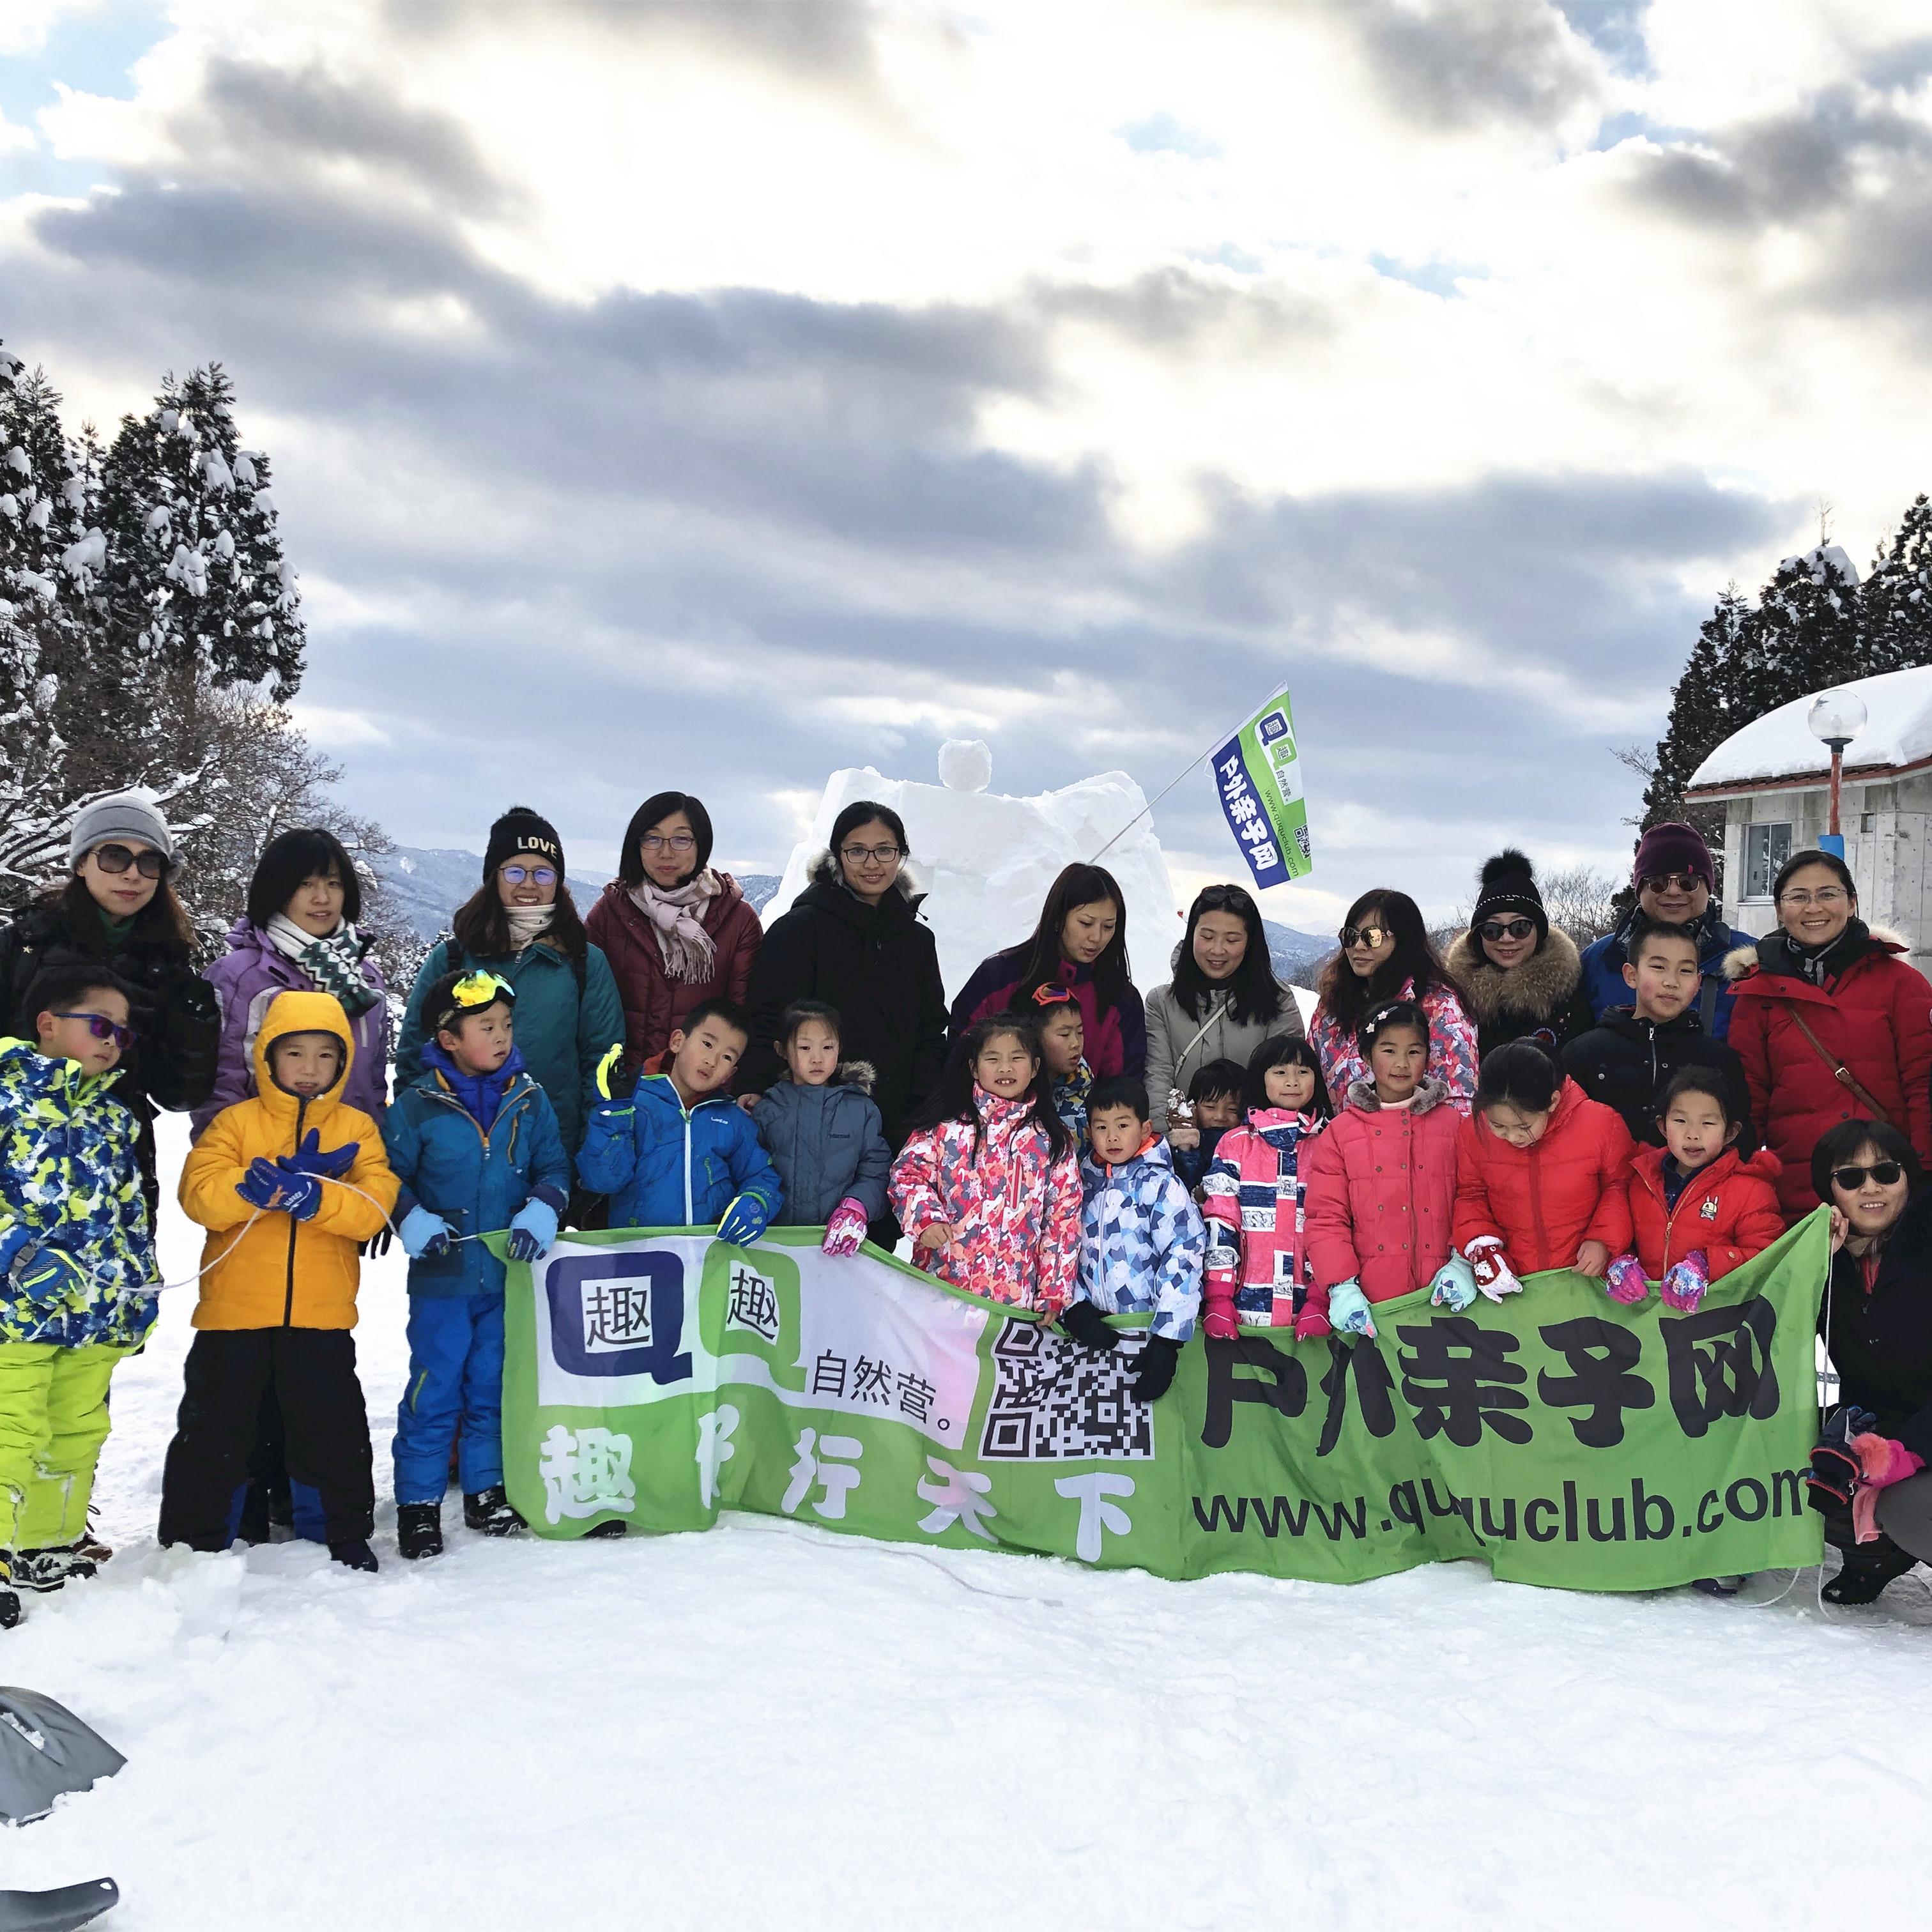 【寒假&春节】(1.26团满员)走进日本的阿尔卑斯——长野自然学校冬季游学